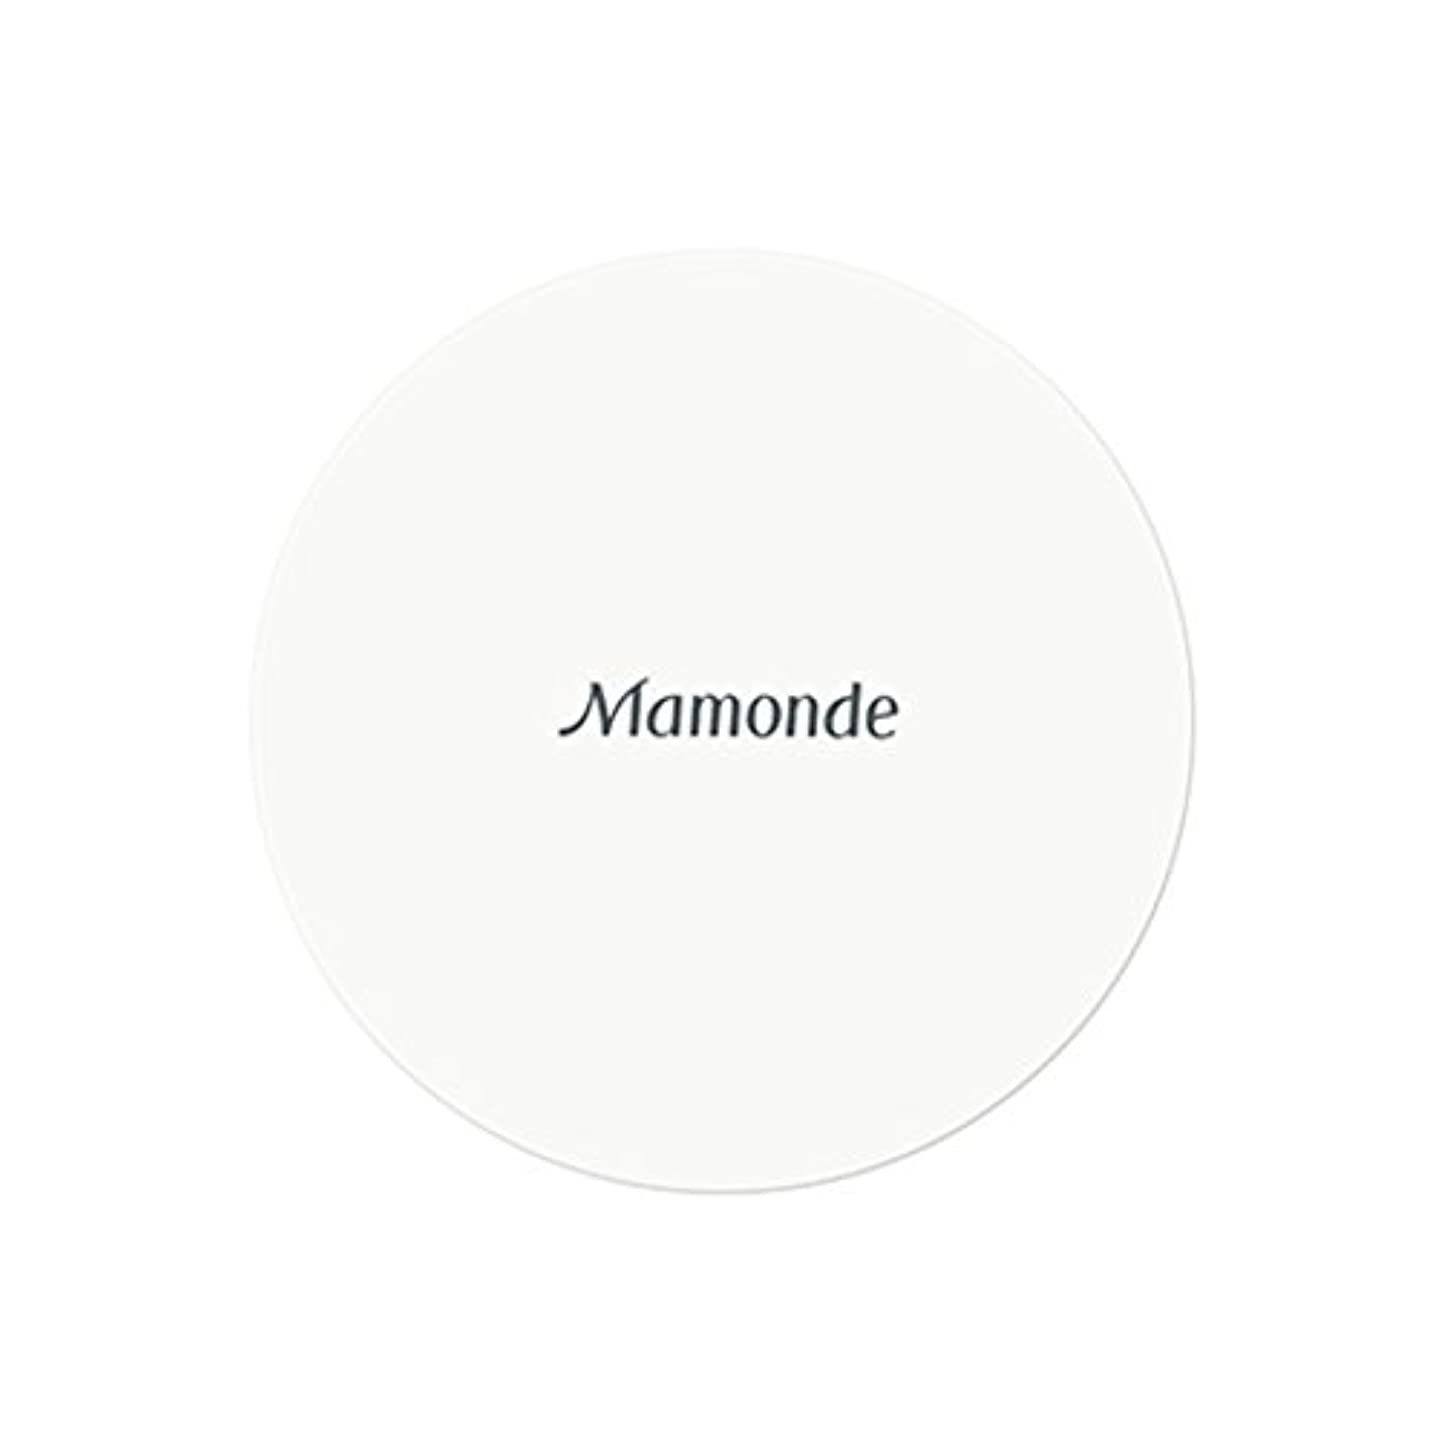 着替える成長する爪[New] Mamonde Cotton Veil Powder 15g/マモンド コットン ベール パウダー 15g [並行輸入品]